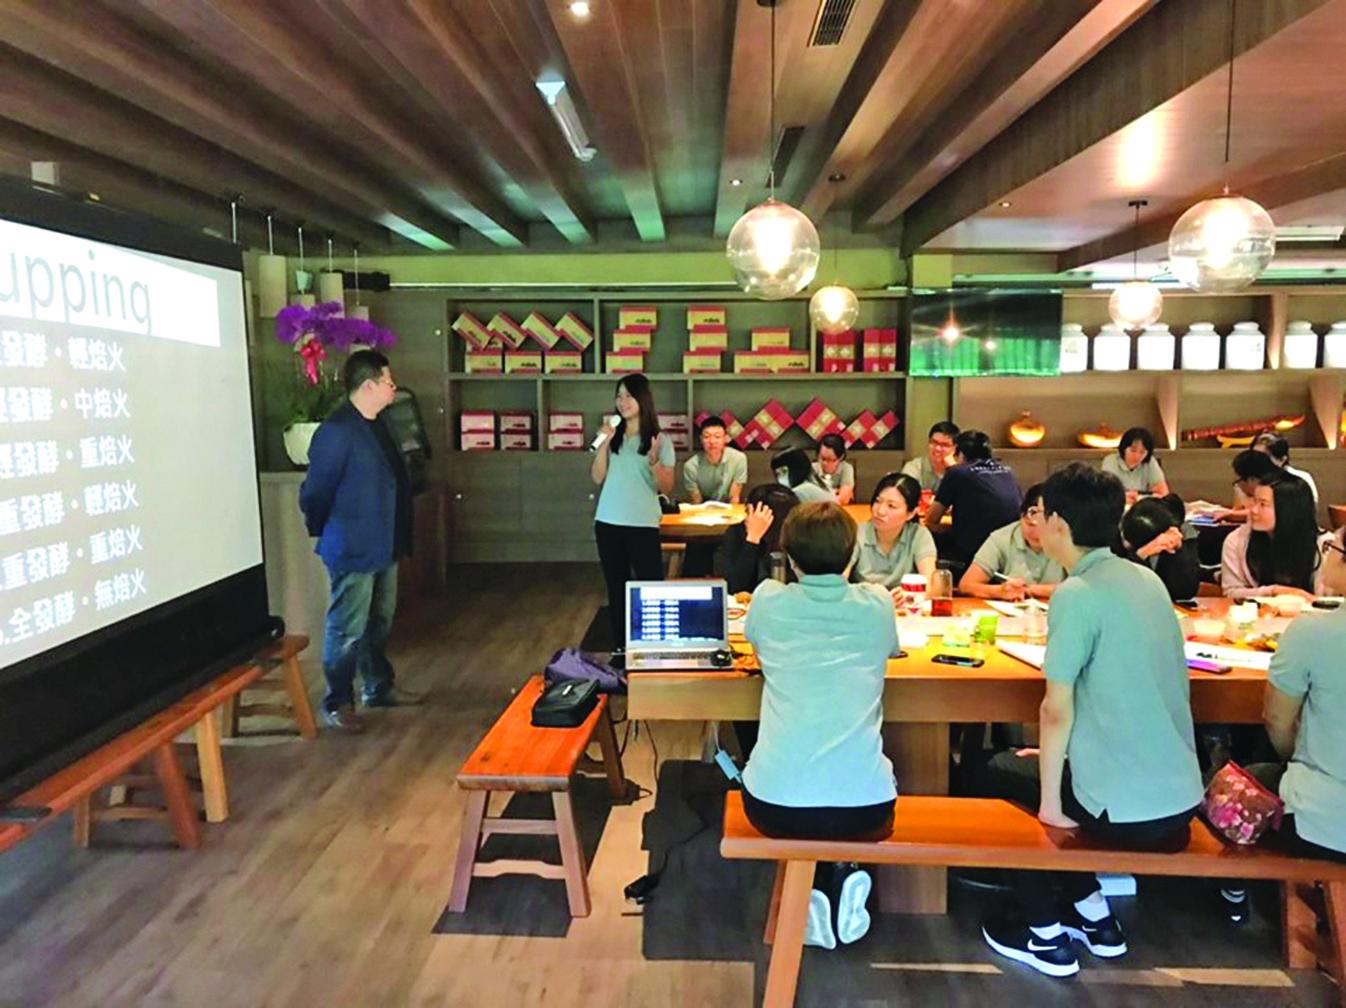 講茶學院課程中,講茶師會解釋茶葉品種、發酵與烘焙的原理。